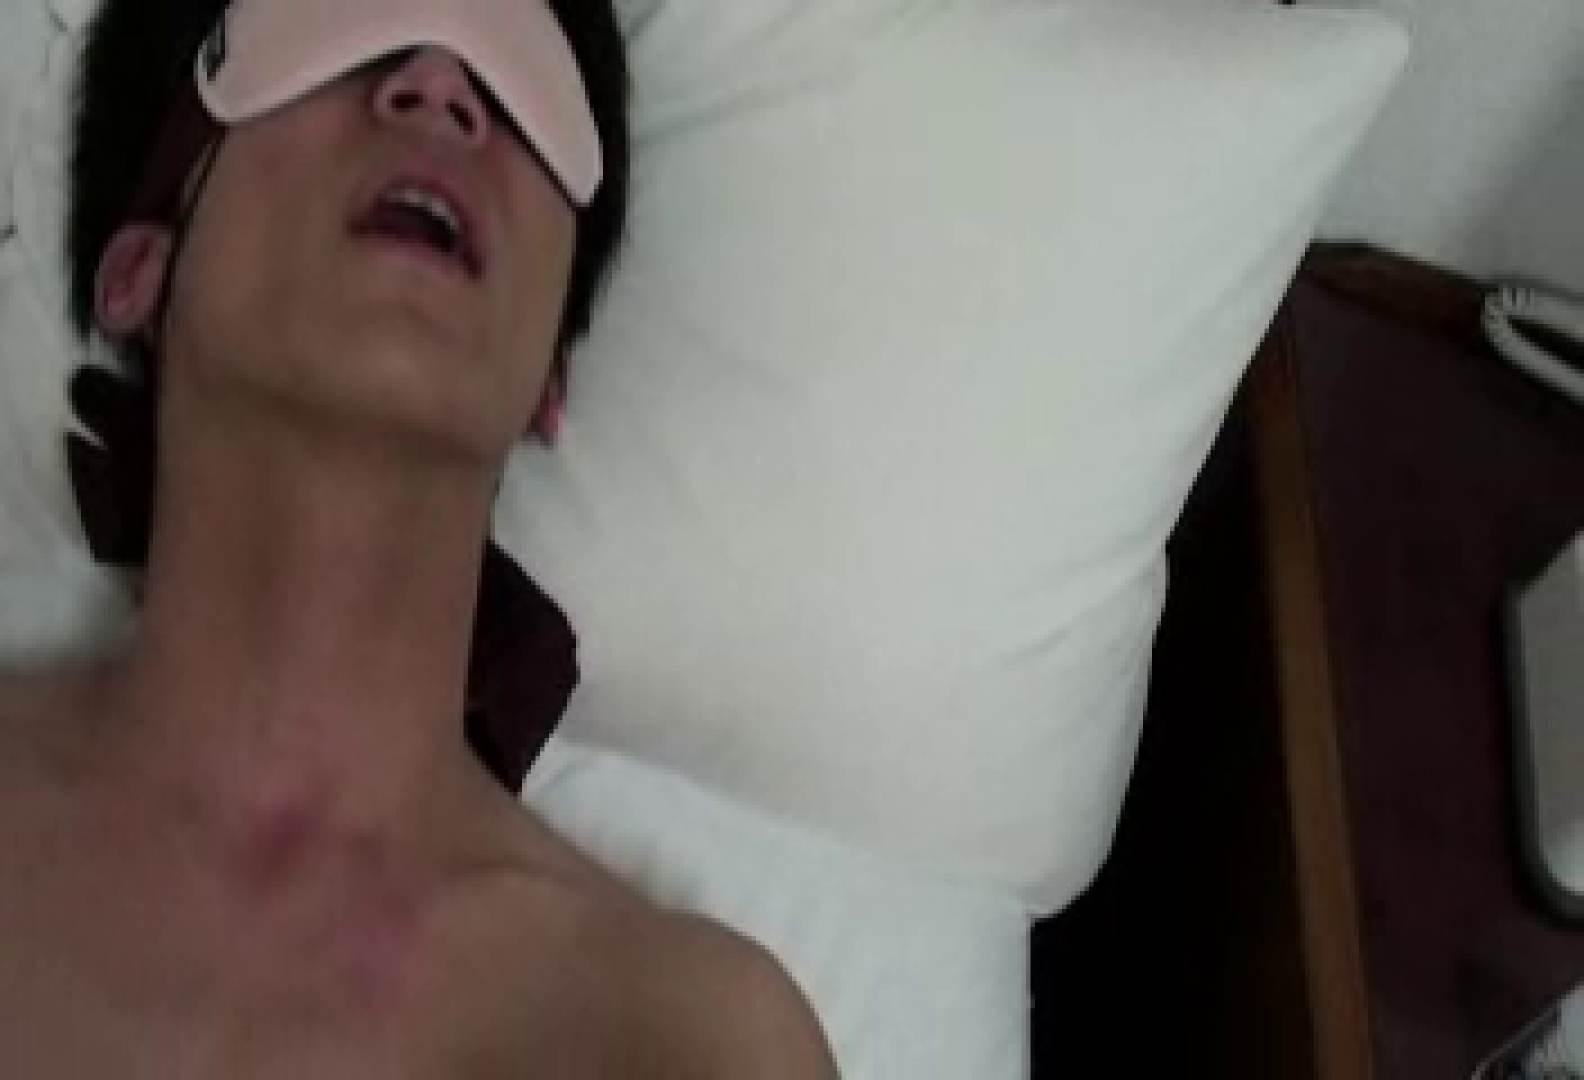 アイマスクでおもいっきり性感帯!!vol.03 ハメ撮り ゲイエロビデオ画像 81枚 25